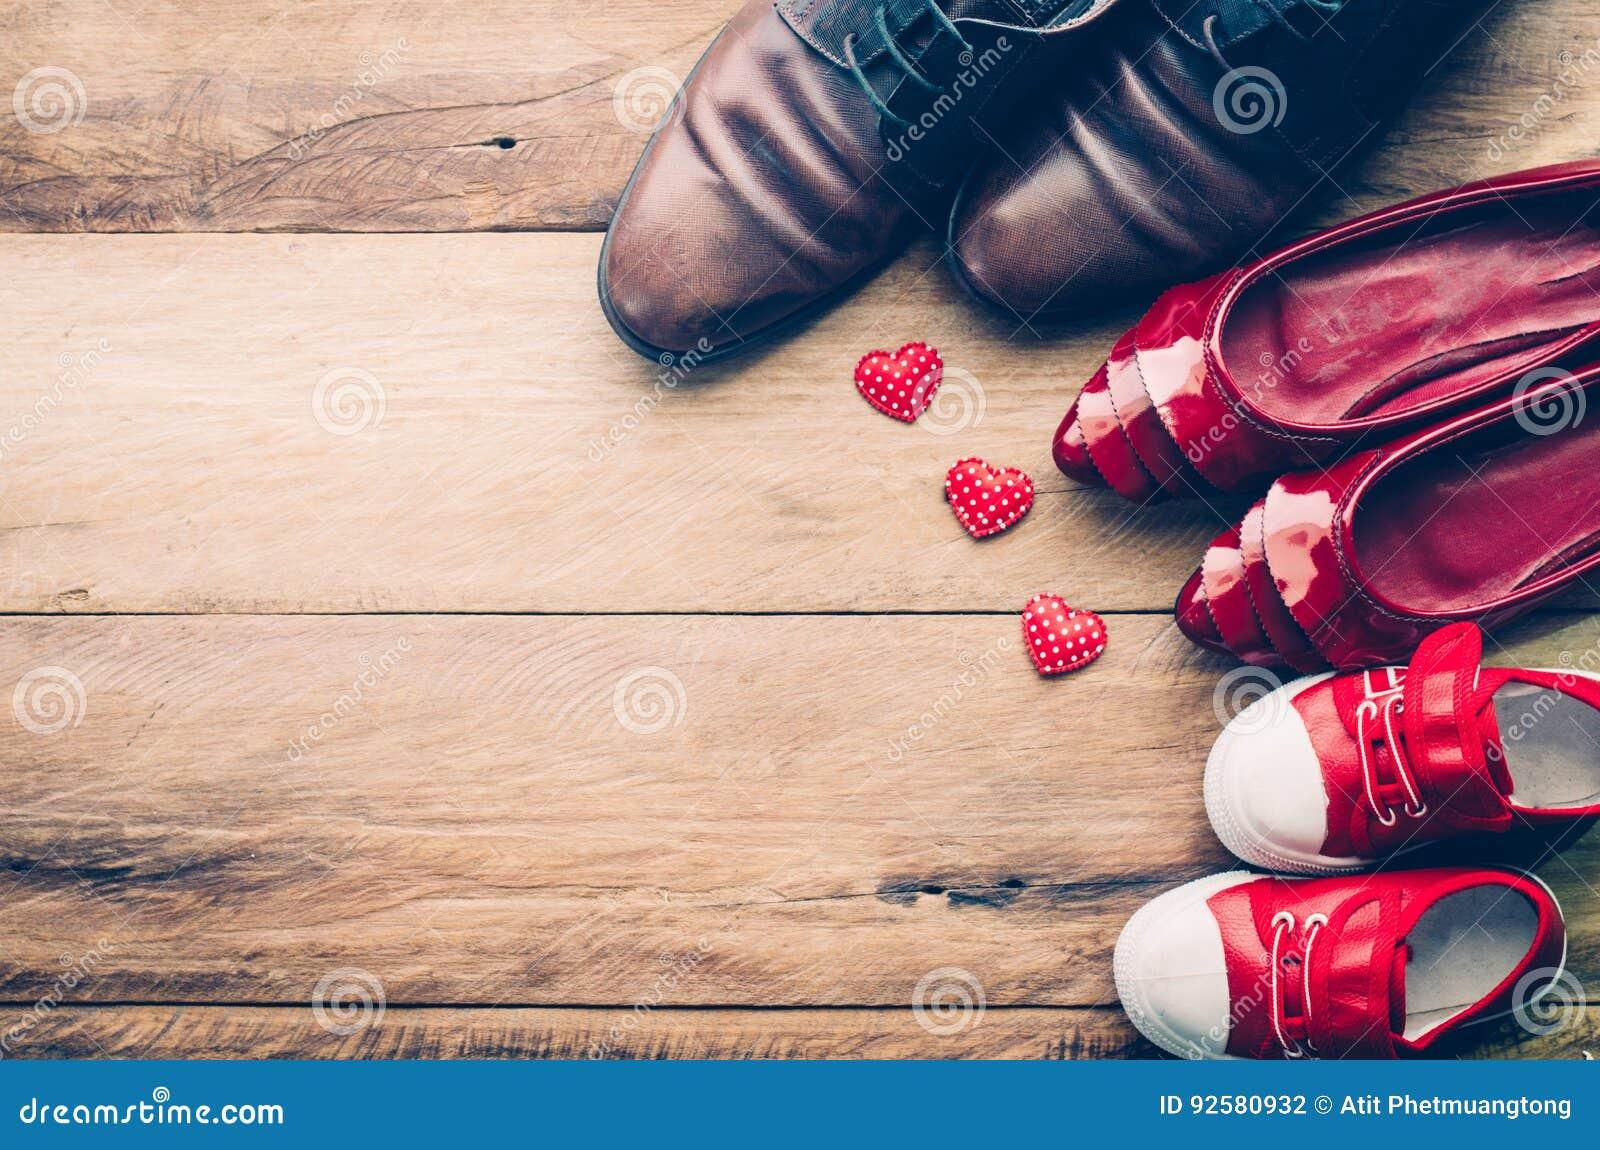 El Para Familia Una Foto Para La De Corazón Familia Zapatos Amor Del vm0N8wn